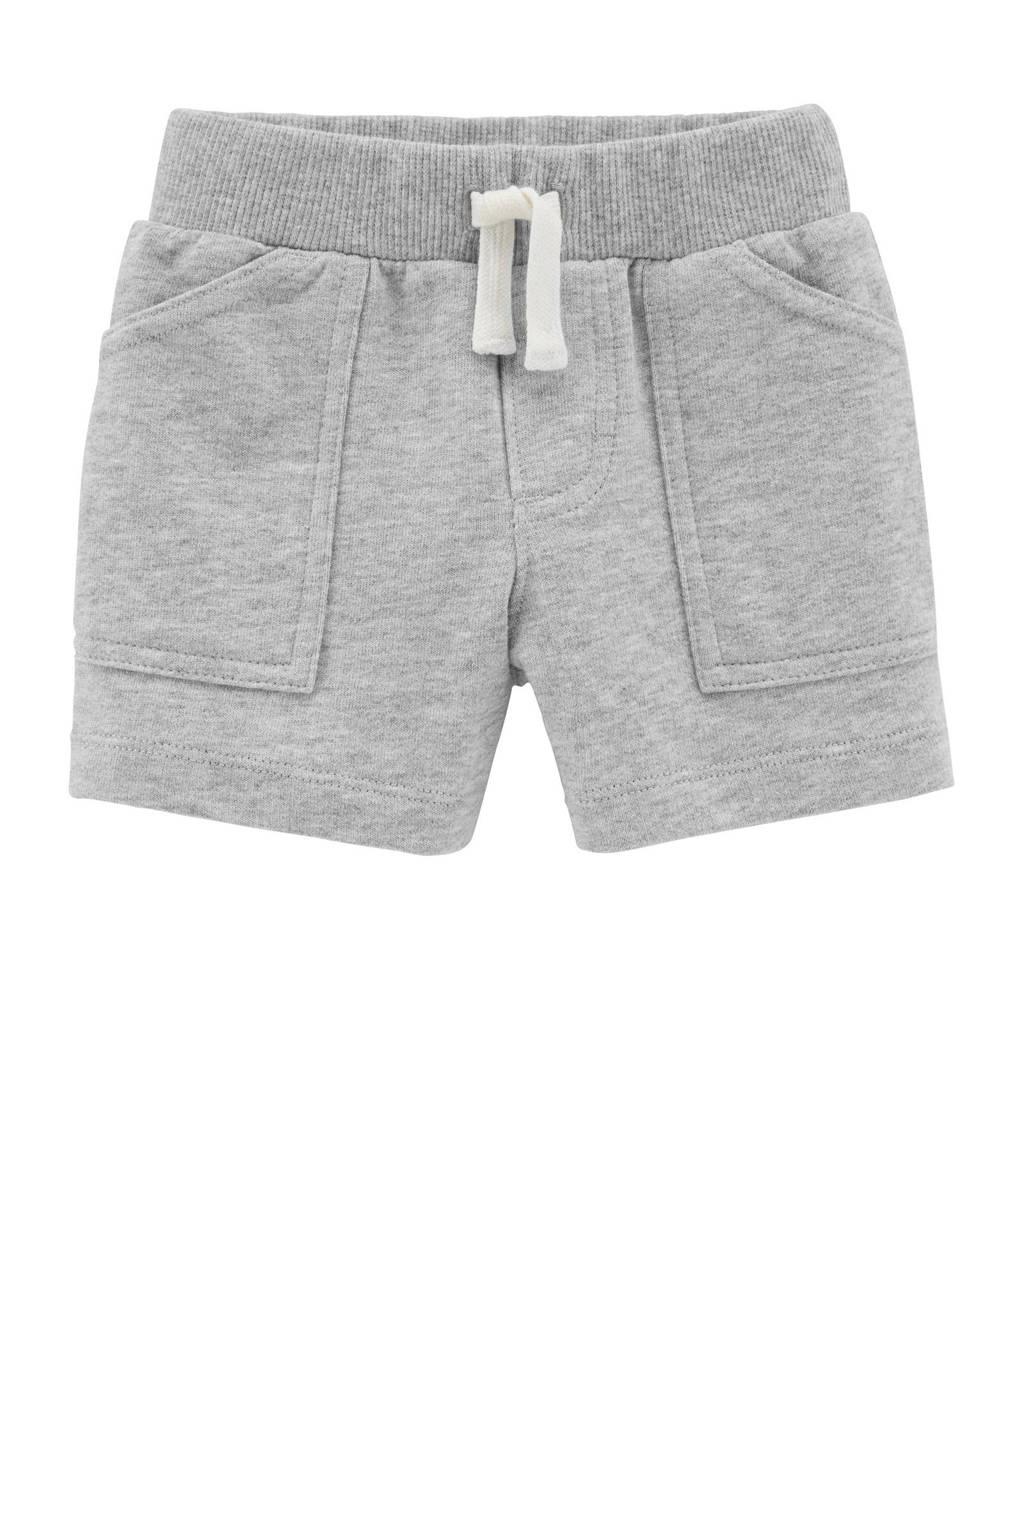 Carter's baby sweatshort grijs melange, Grijs melange